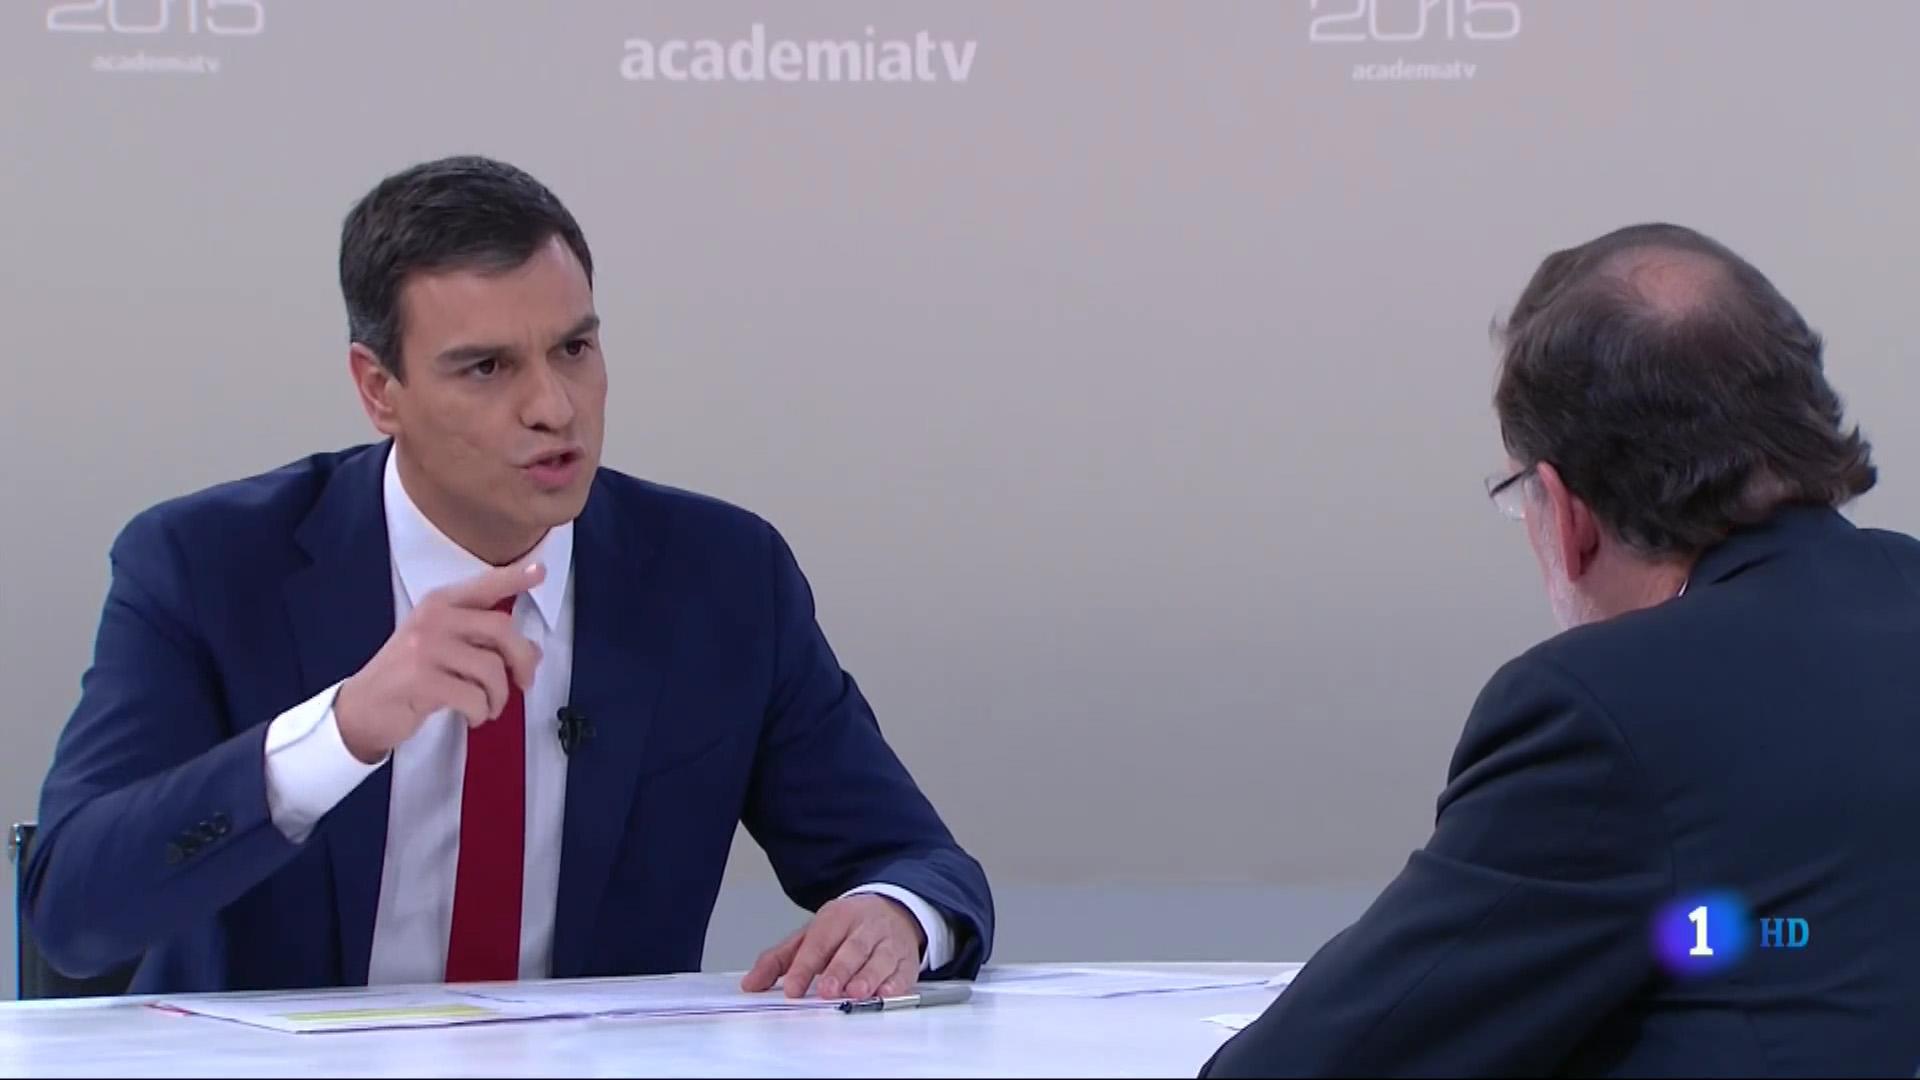 La comunicación no verbal de Pedro Sánchez en el debate con Rajoy